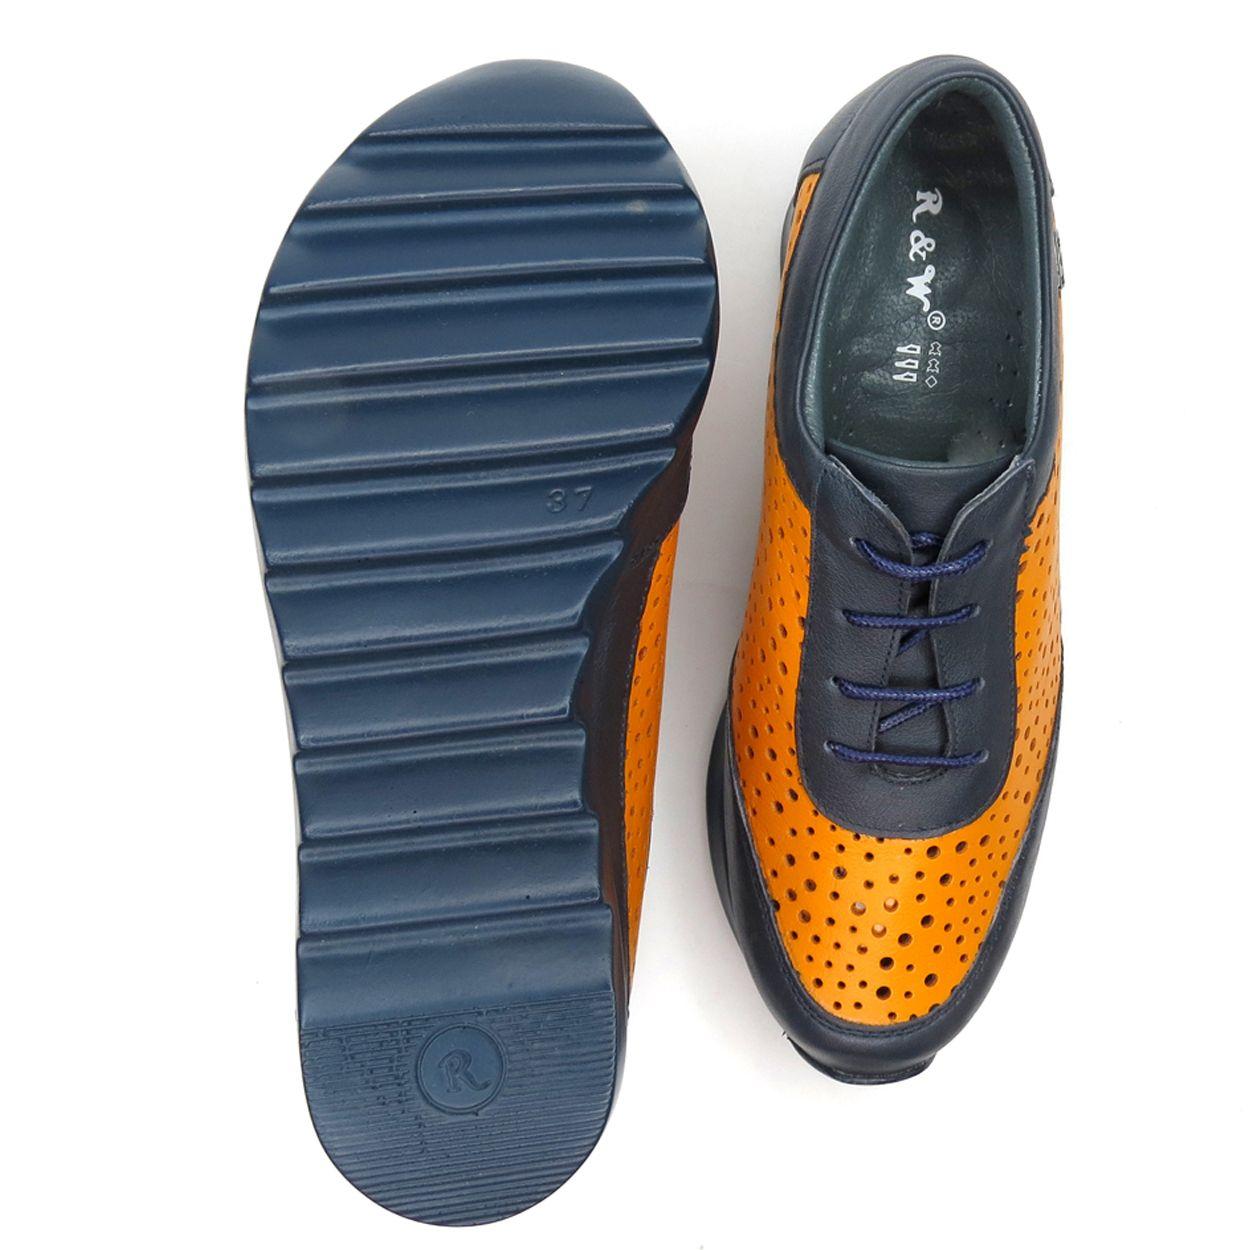 کفش روزمره زنانه آر اند دبلیو مدل 642 رنگ سرمه ای -  - 6